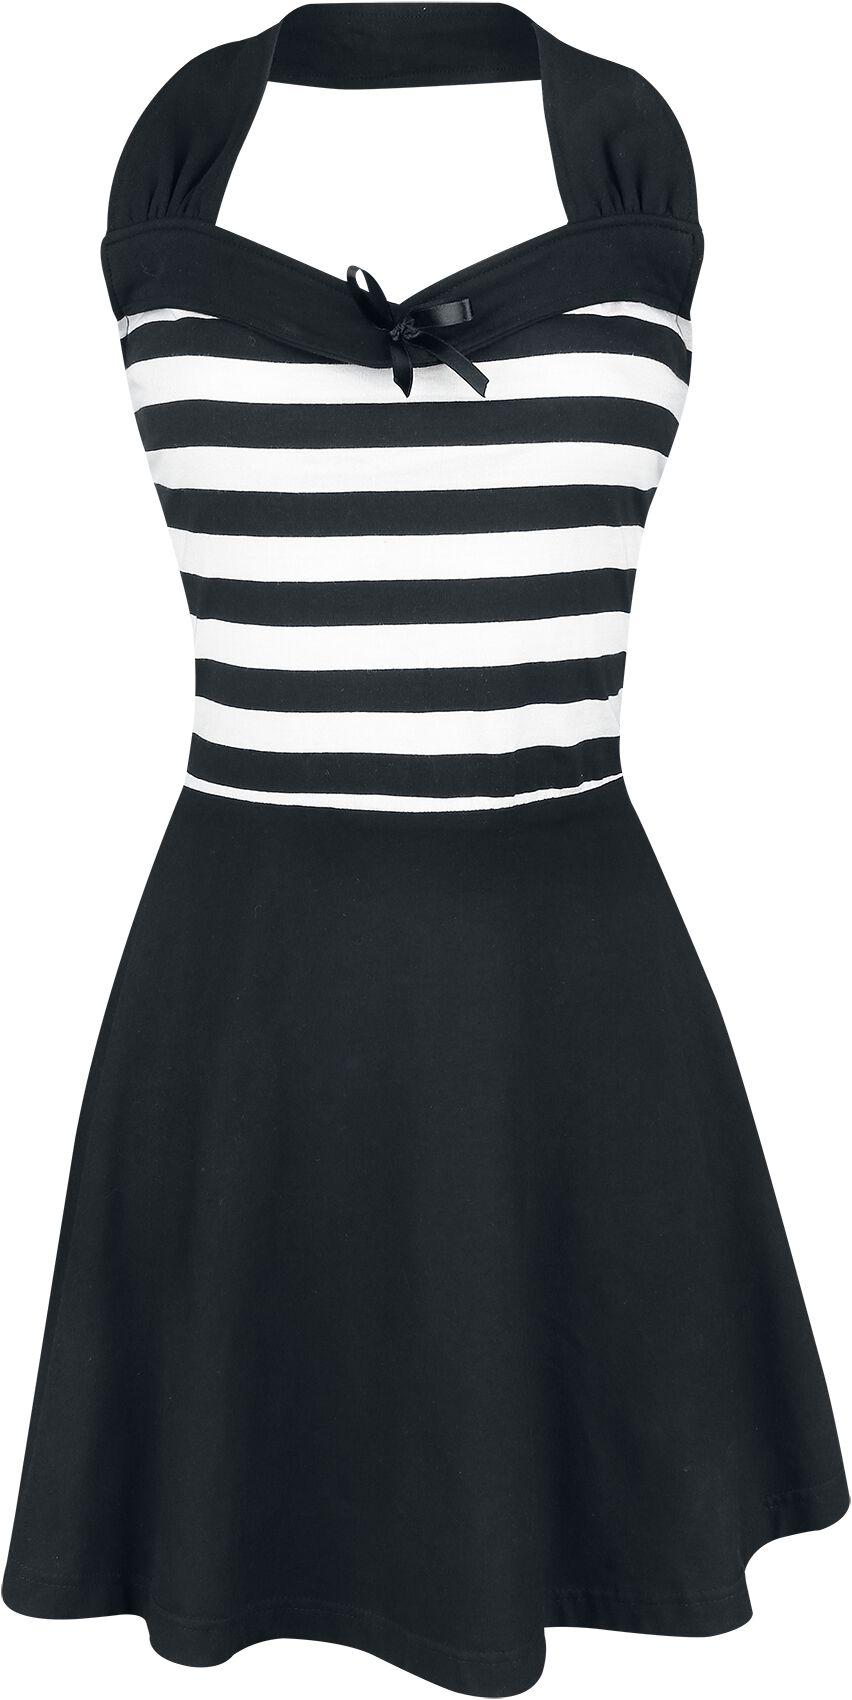 Rockabella South Dress Kurzes Kleid schwarz weiß